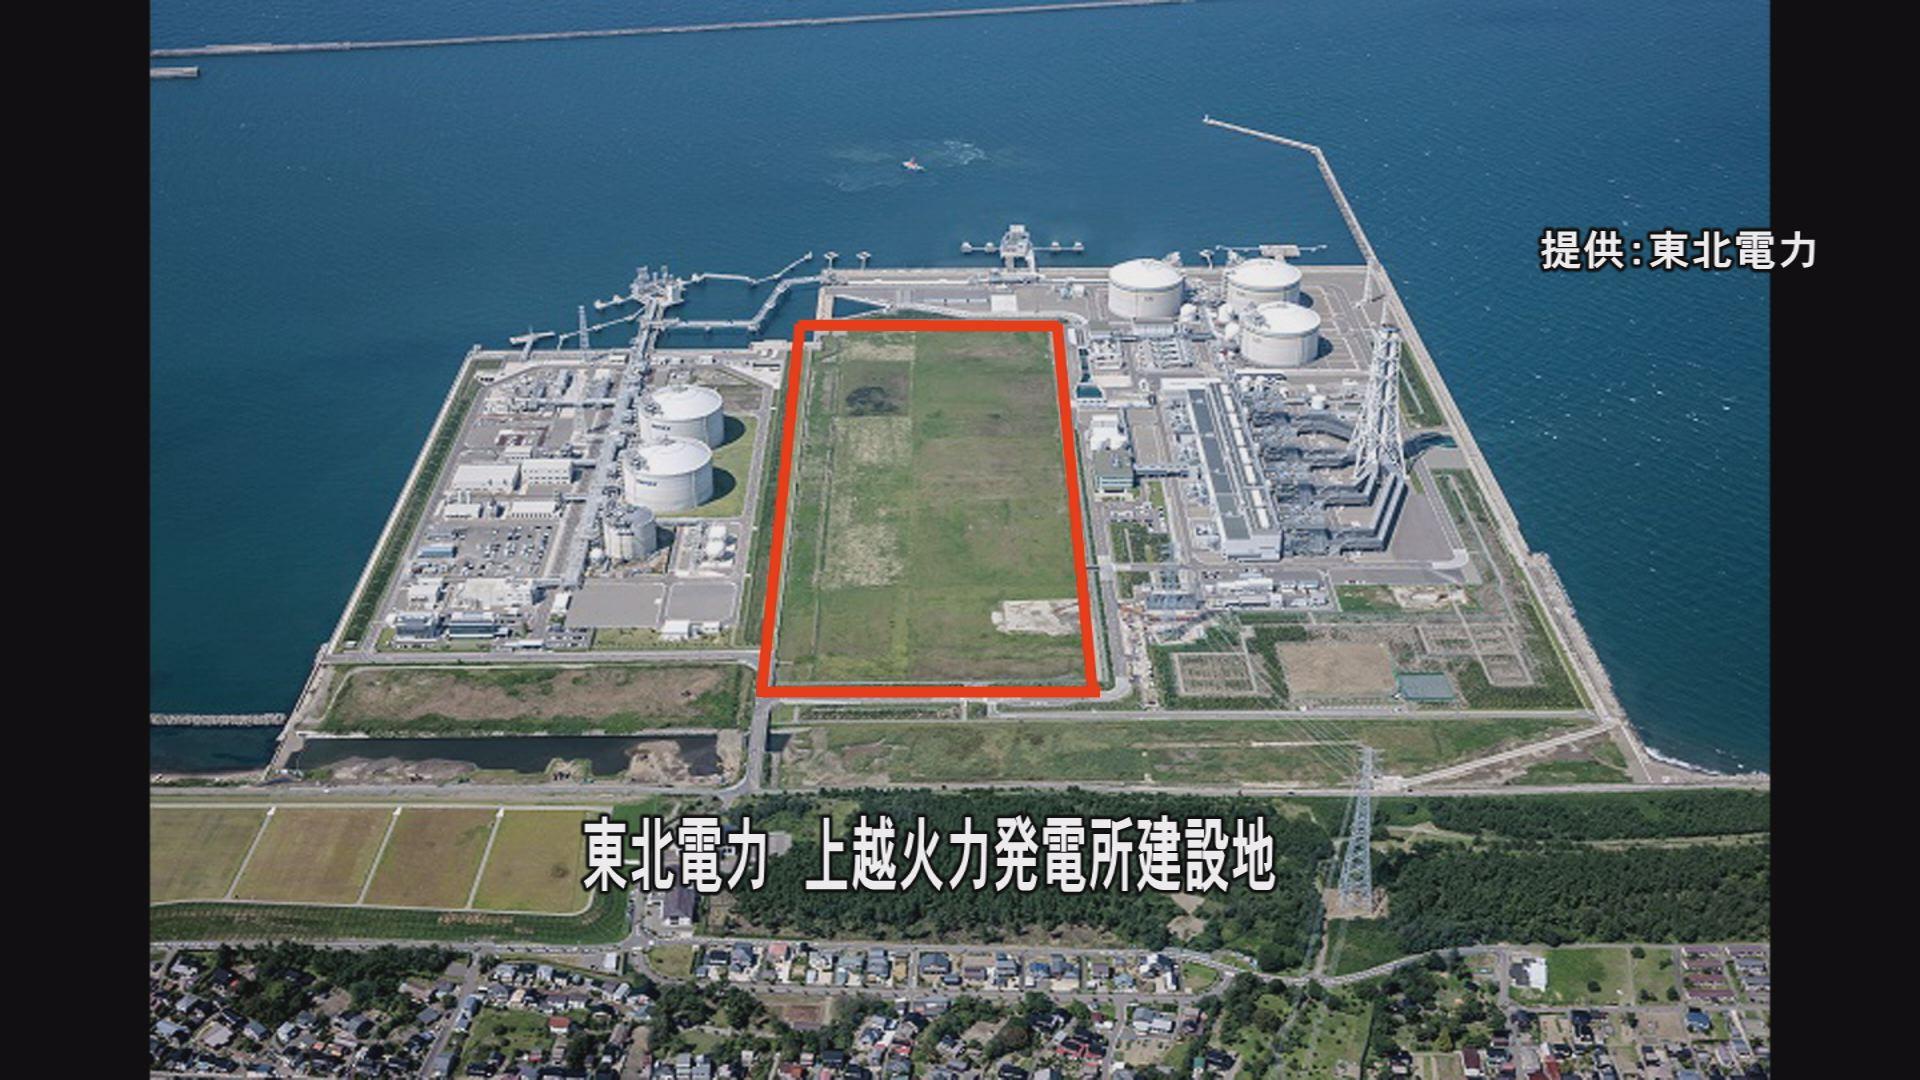 東北電力が直江津港に火力発電所建設へ | ニュース | 上越妙高タウン情報